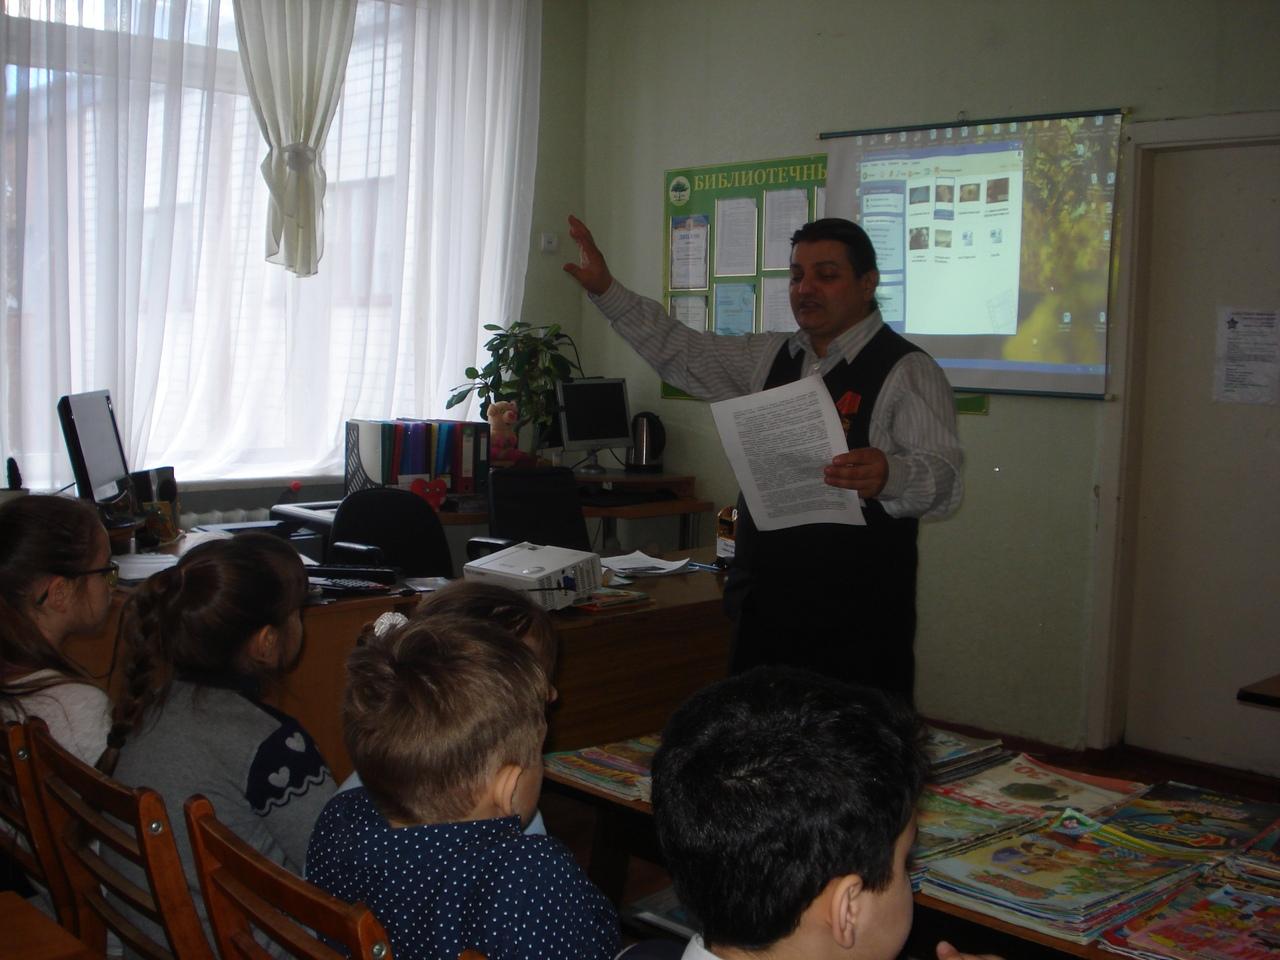 республиканская неделя детской и юношеской книги, донецкая республиканская библиотека для детей, отдел обслуживания учащихся 5-9 классов, волшебное путешествие по библиотечному морю